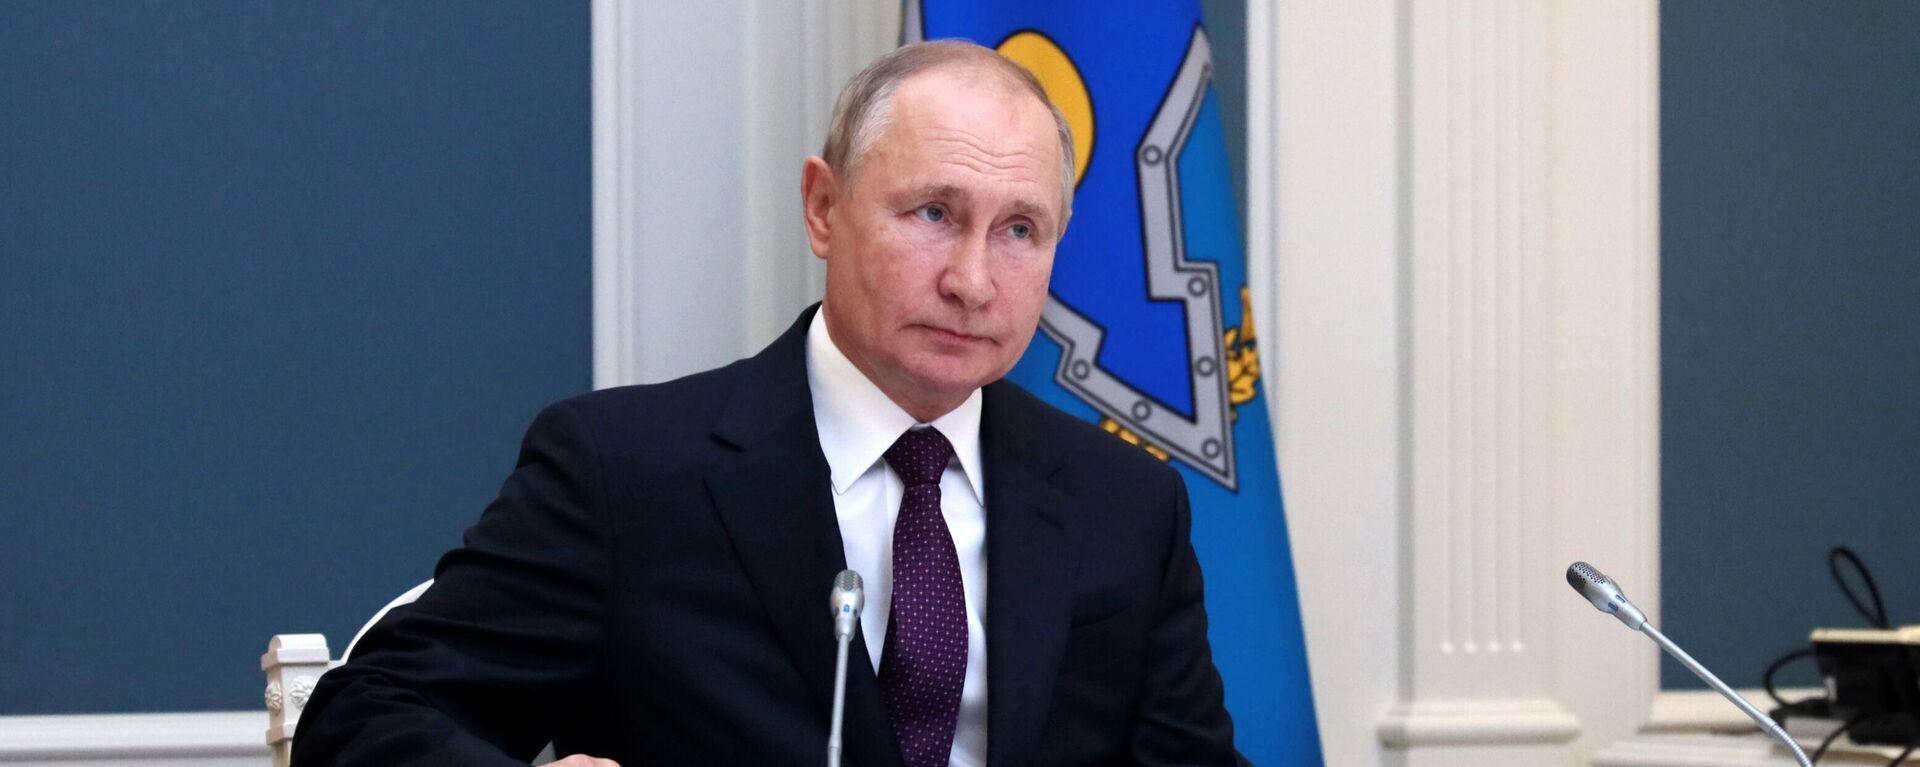 Президент РФ В. Путин - Sputnik Таджикистан, 1920, 16.09.2021